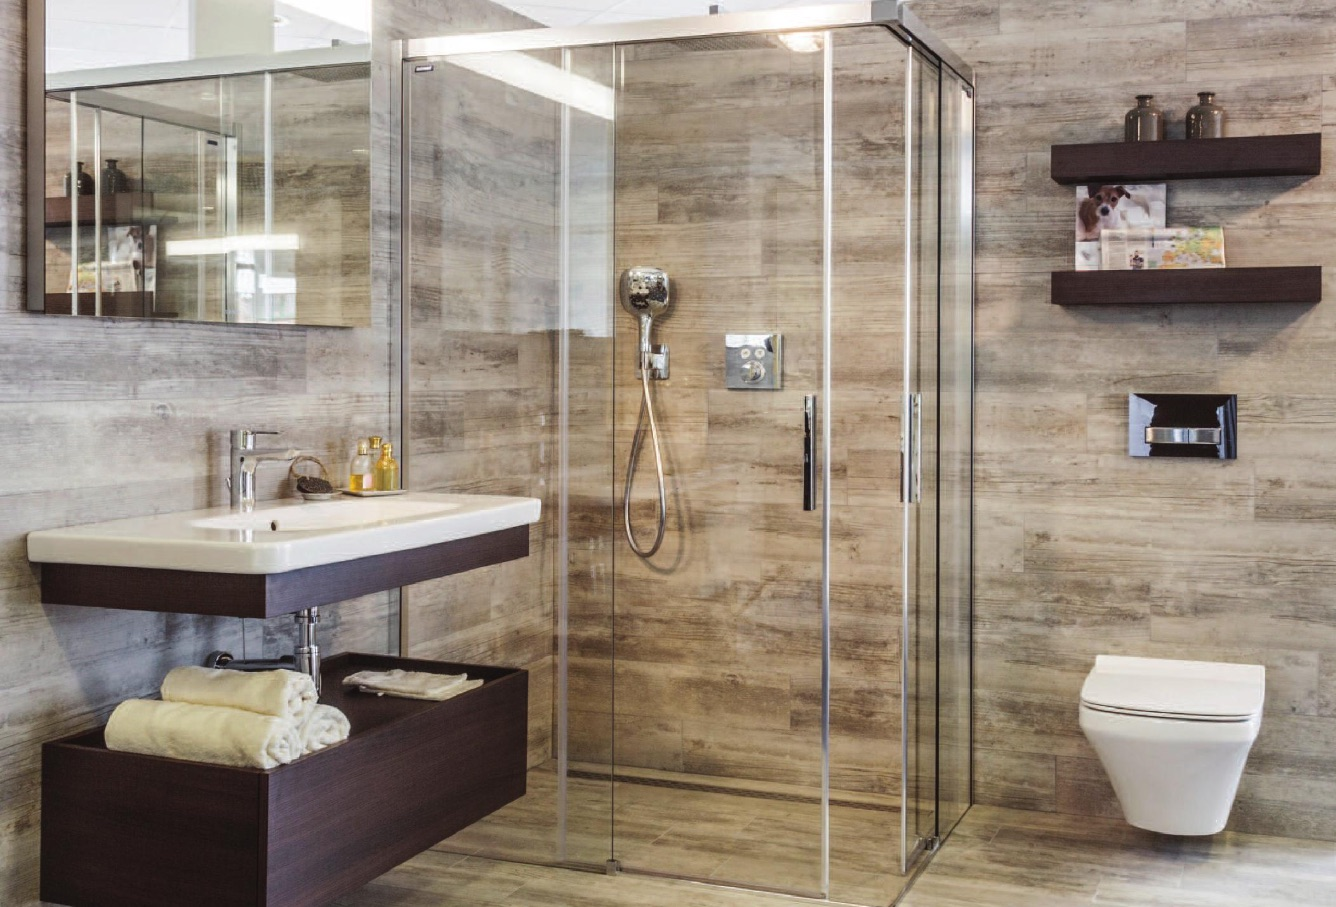 Nieuwe badkamer? Badkamerinspiratie van Plieger - Nieuws Startpagina ...